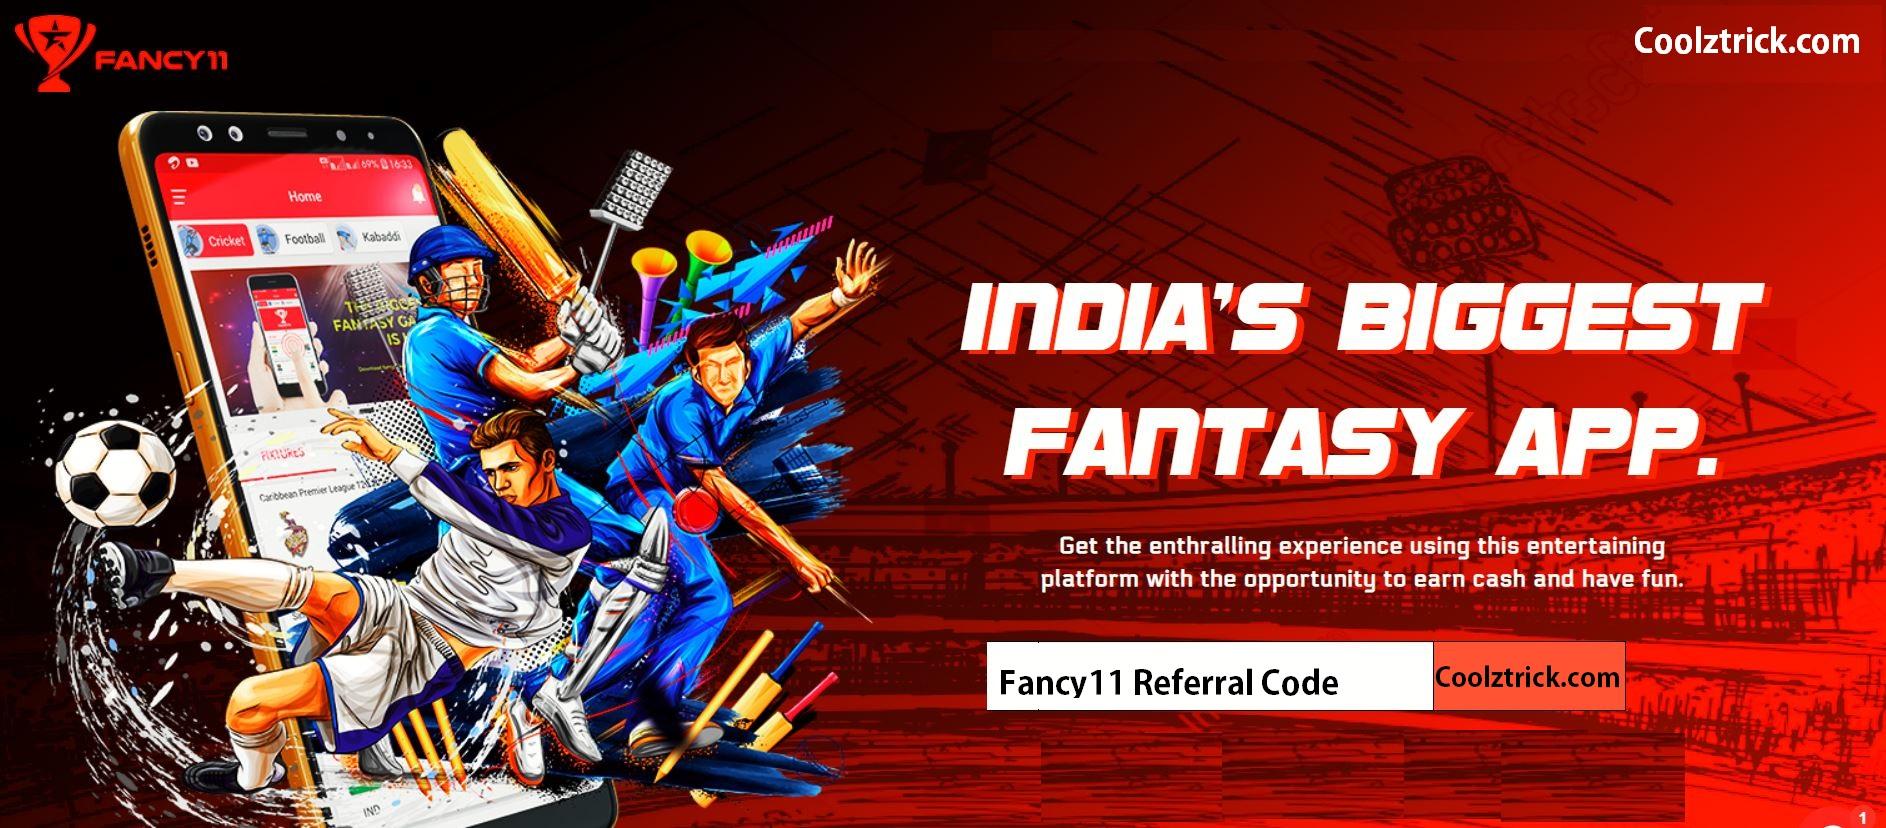 Fancy11 Referral Code